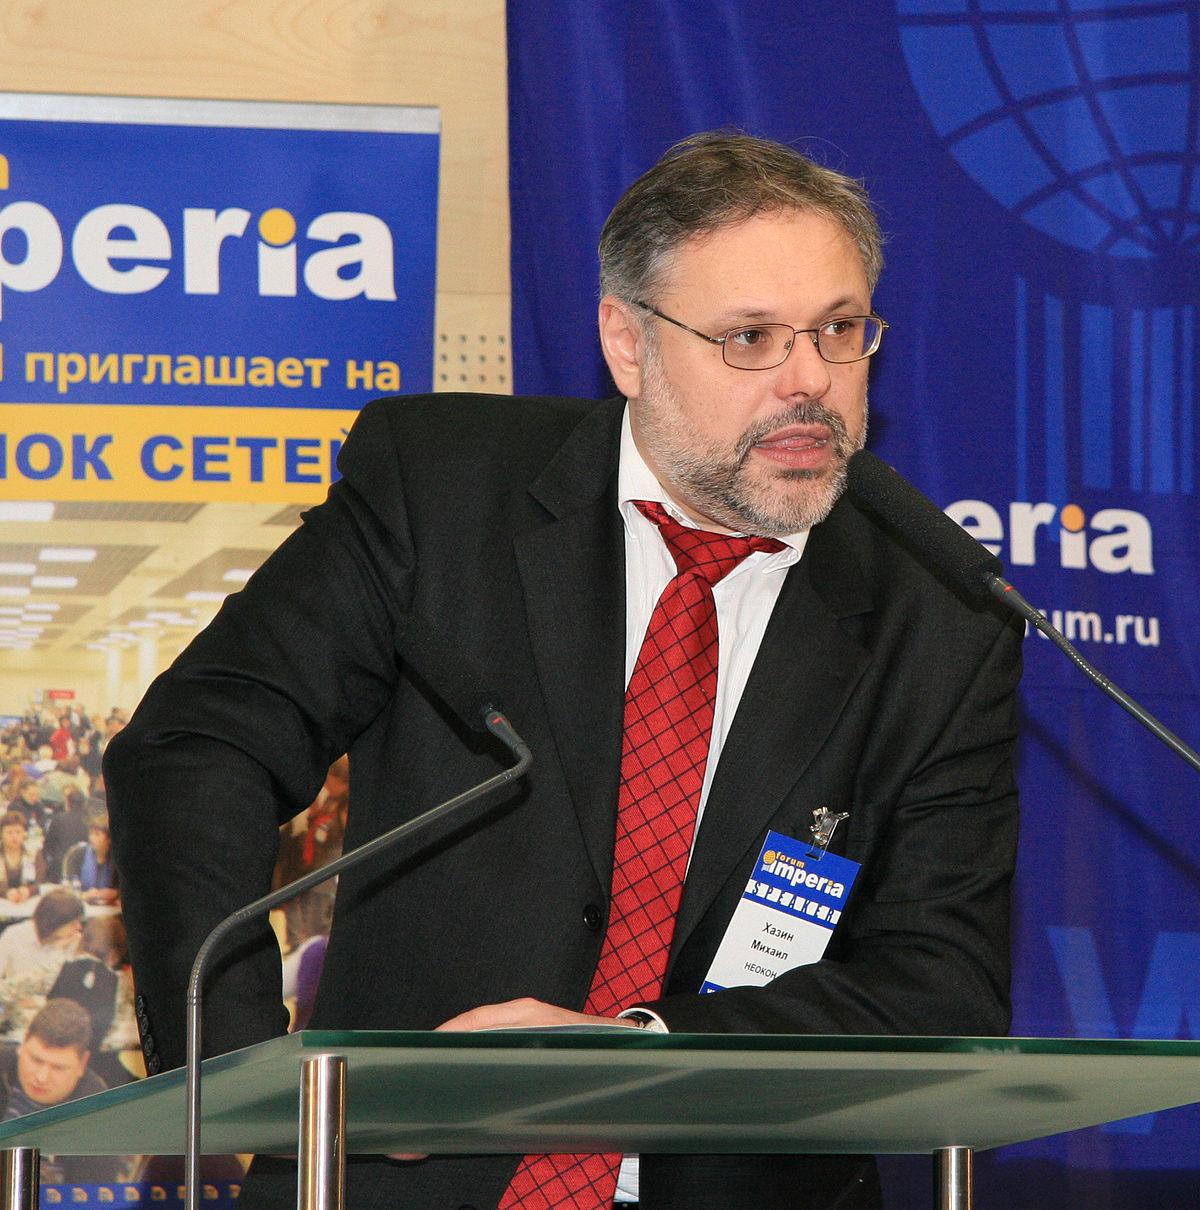 Хазин, Михаил Леонидович — Википедия